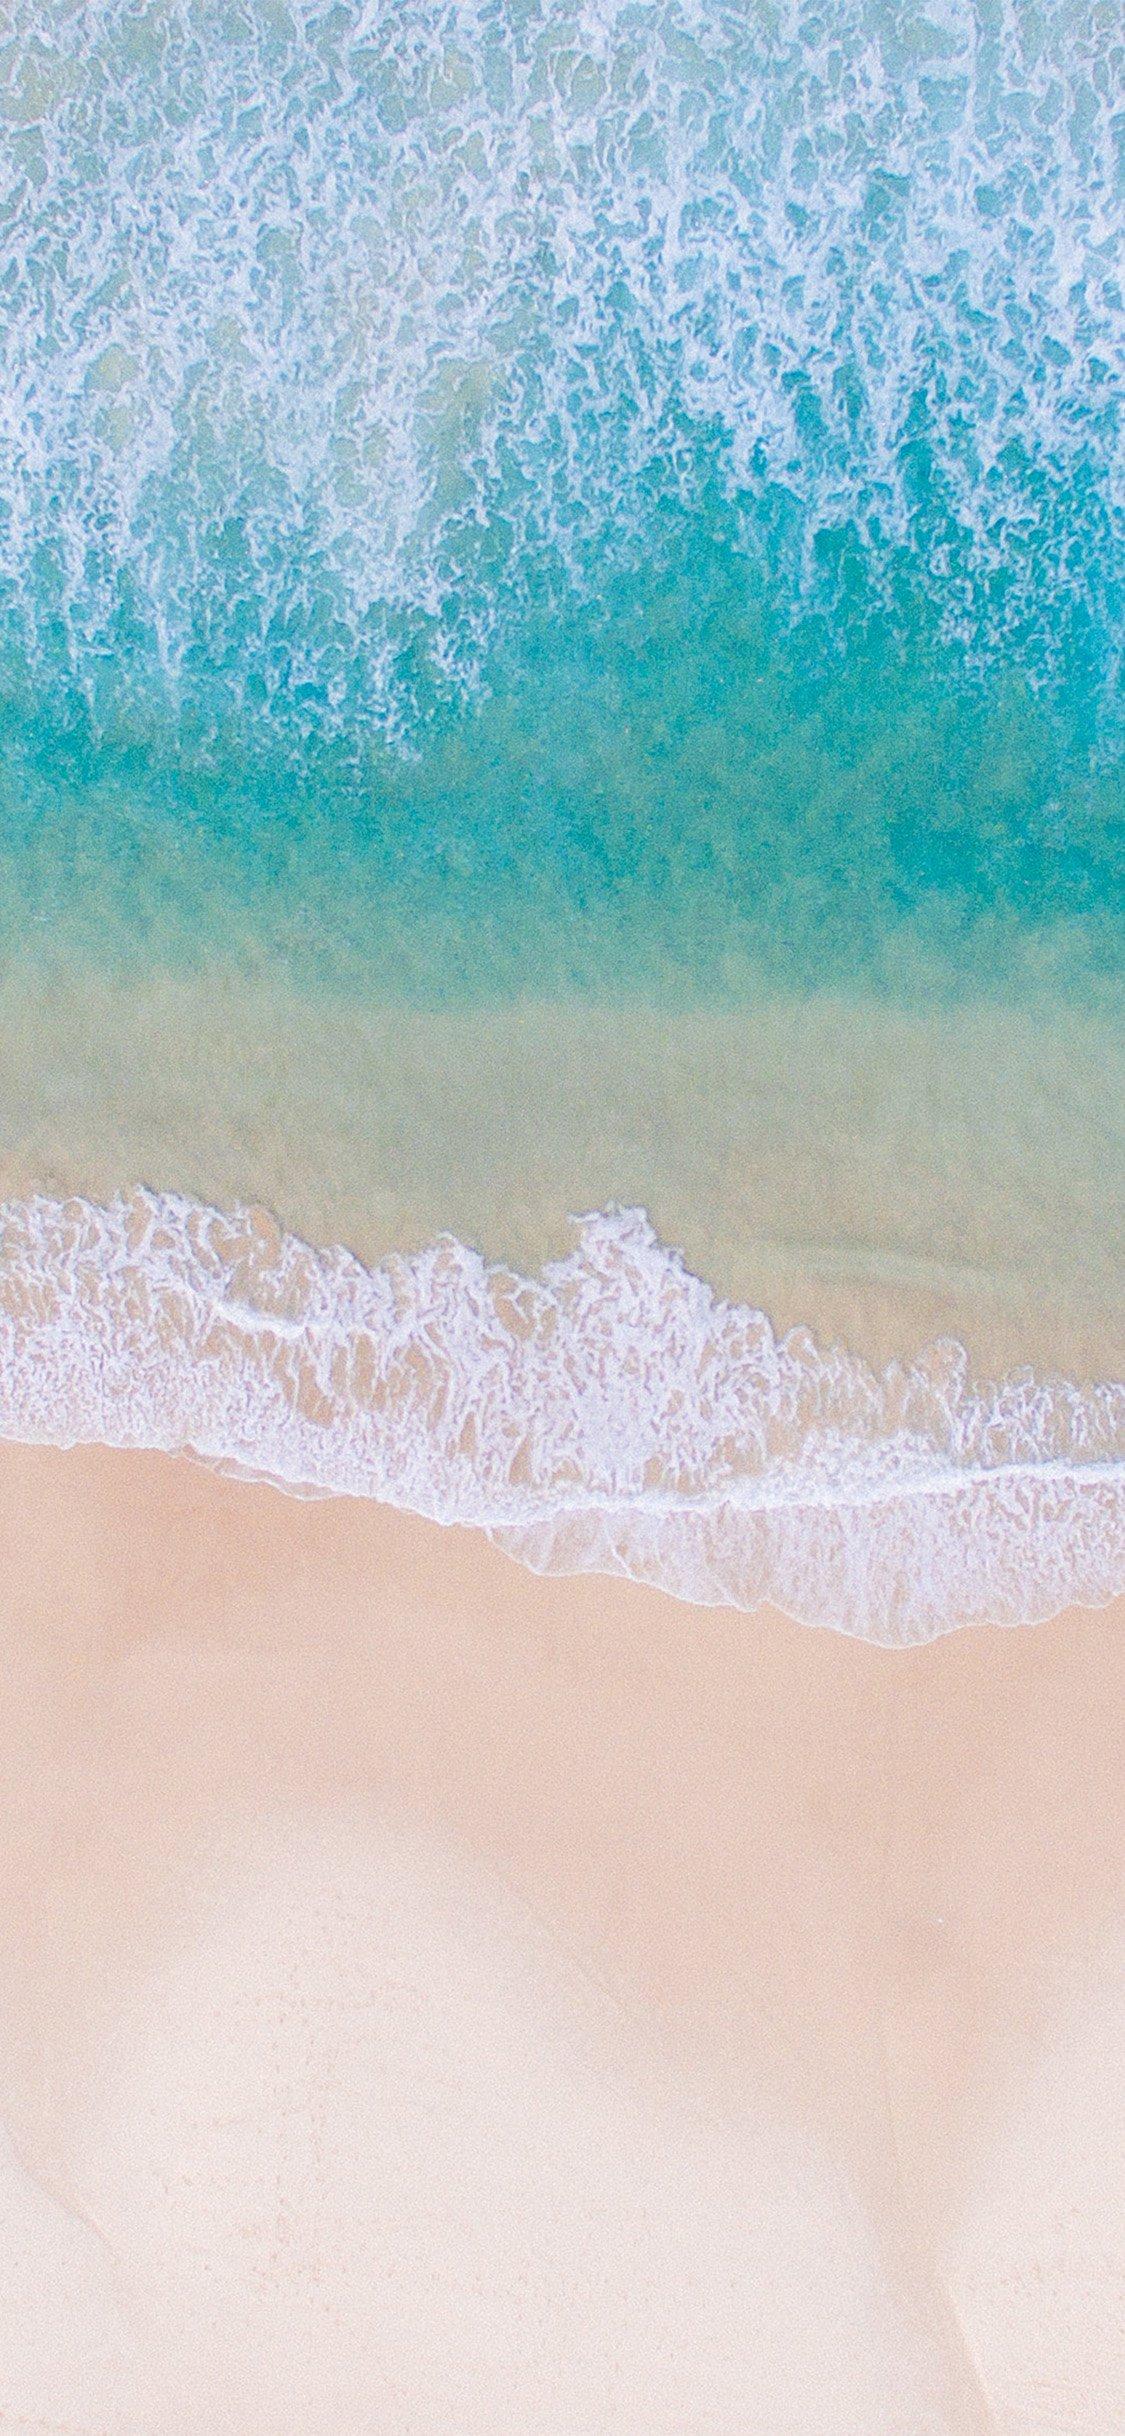 Sea beach water summer iPhone X wallpaper